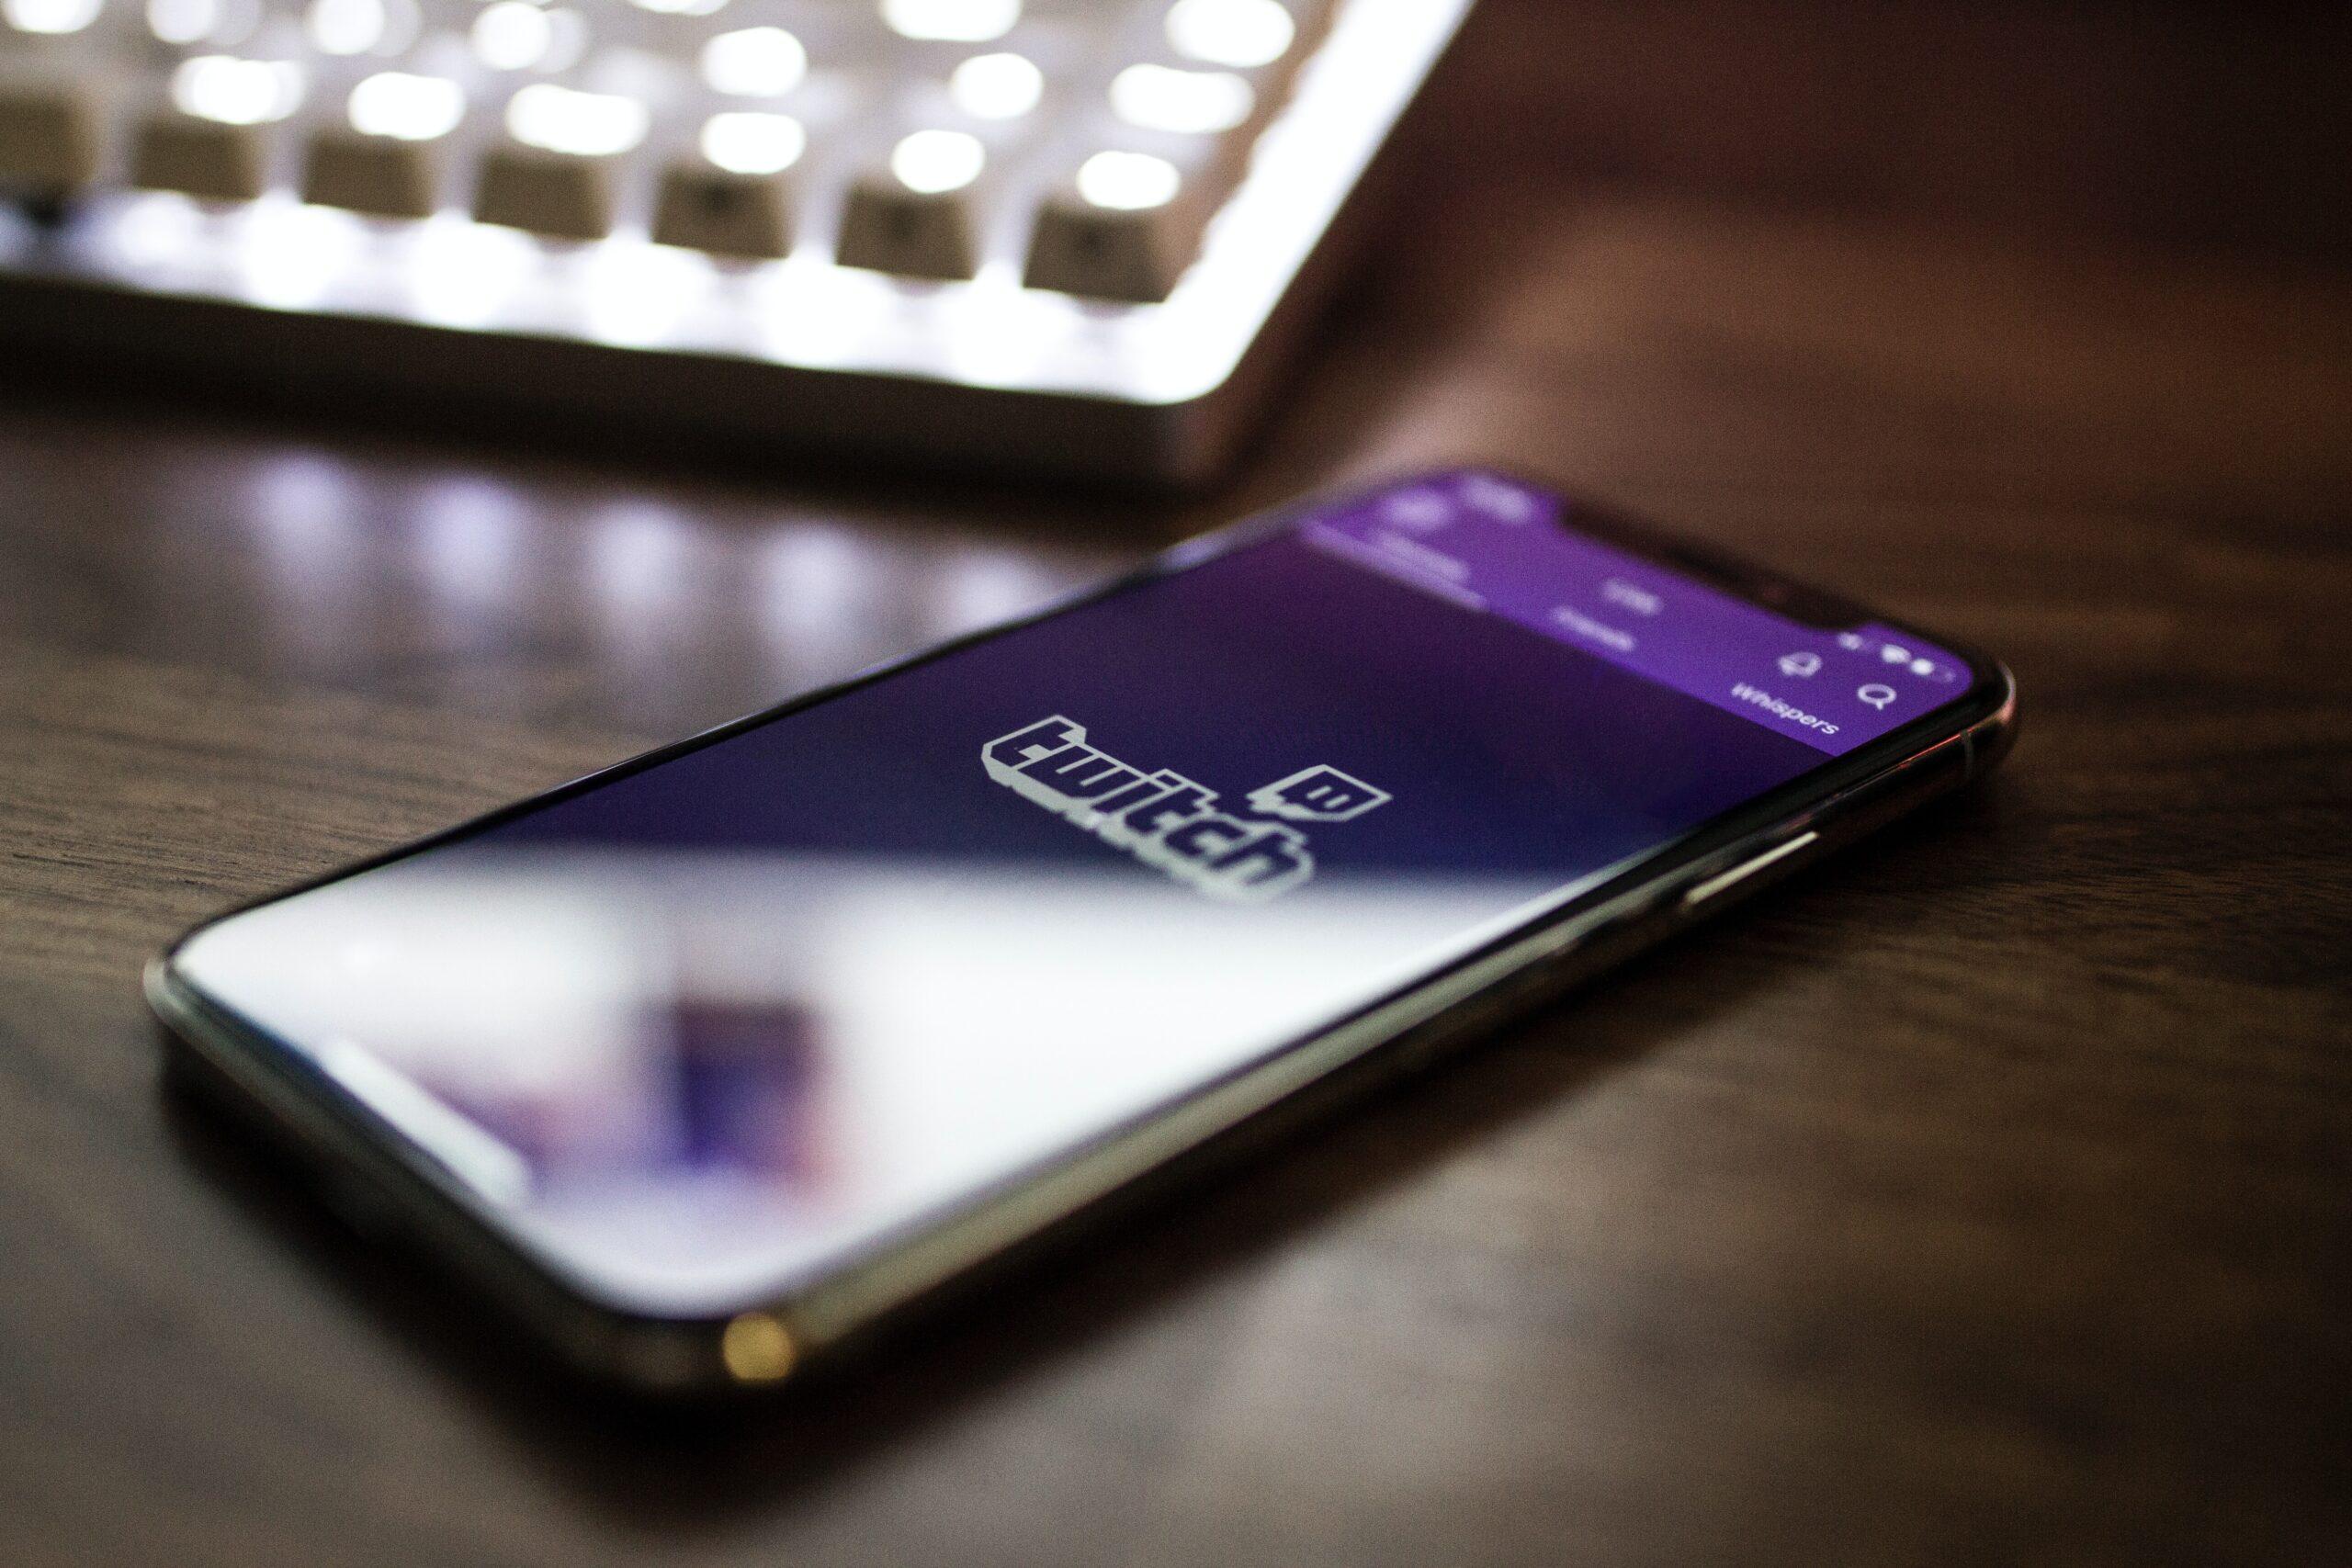 téléphone sur l'app twitch pour regarder le live de bfm